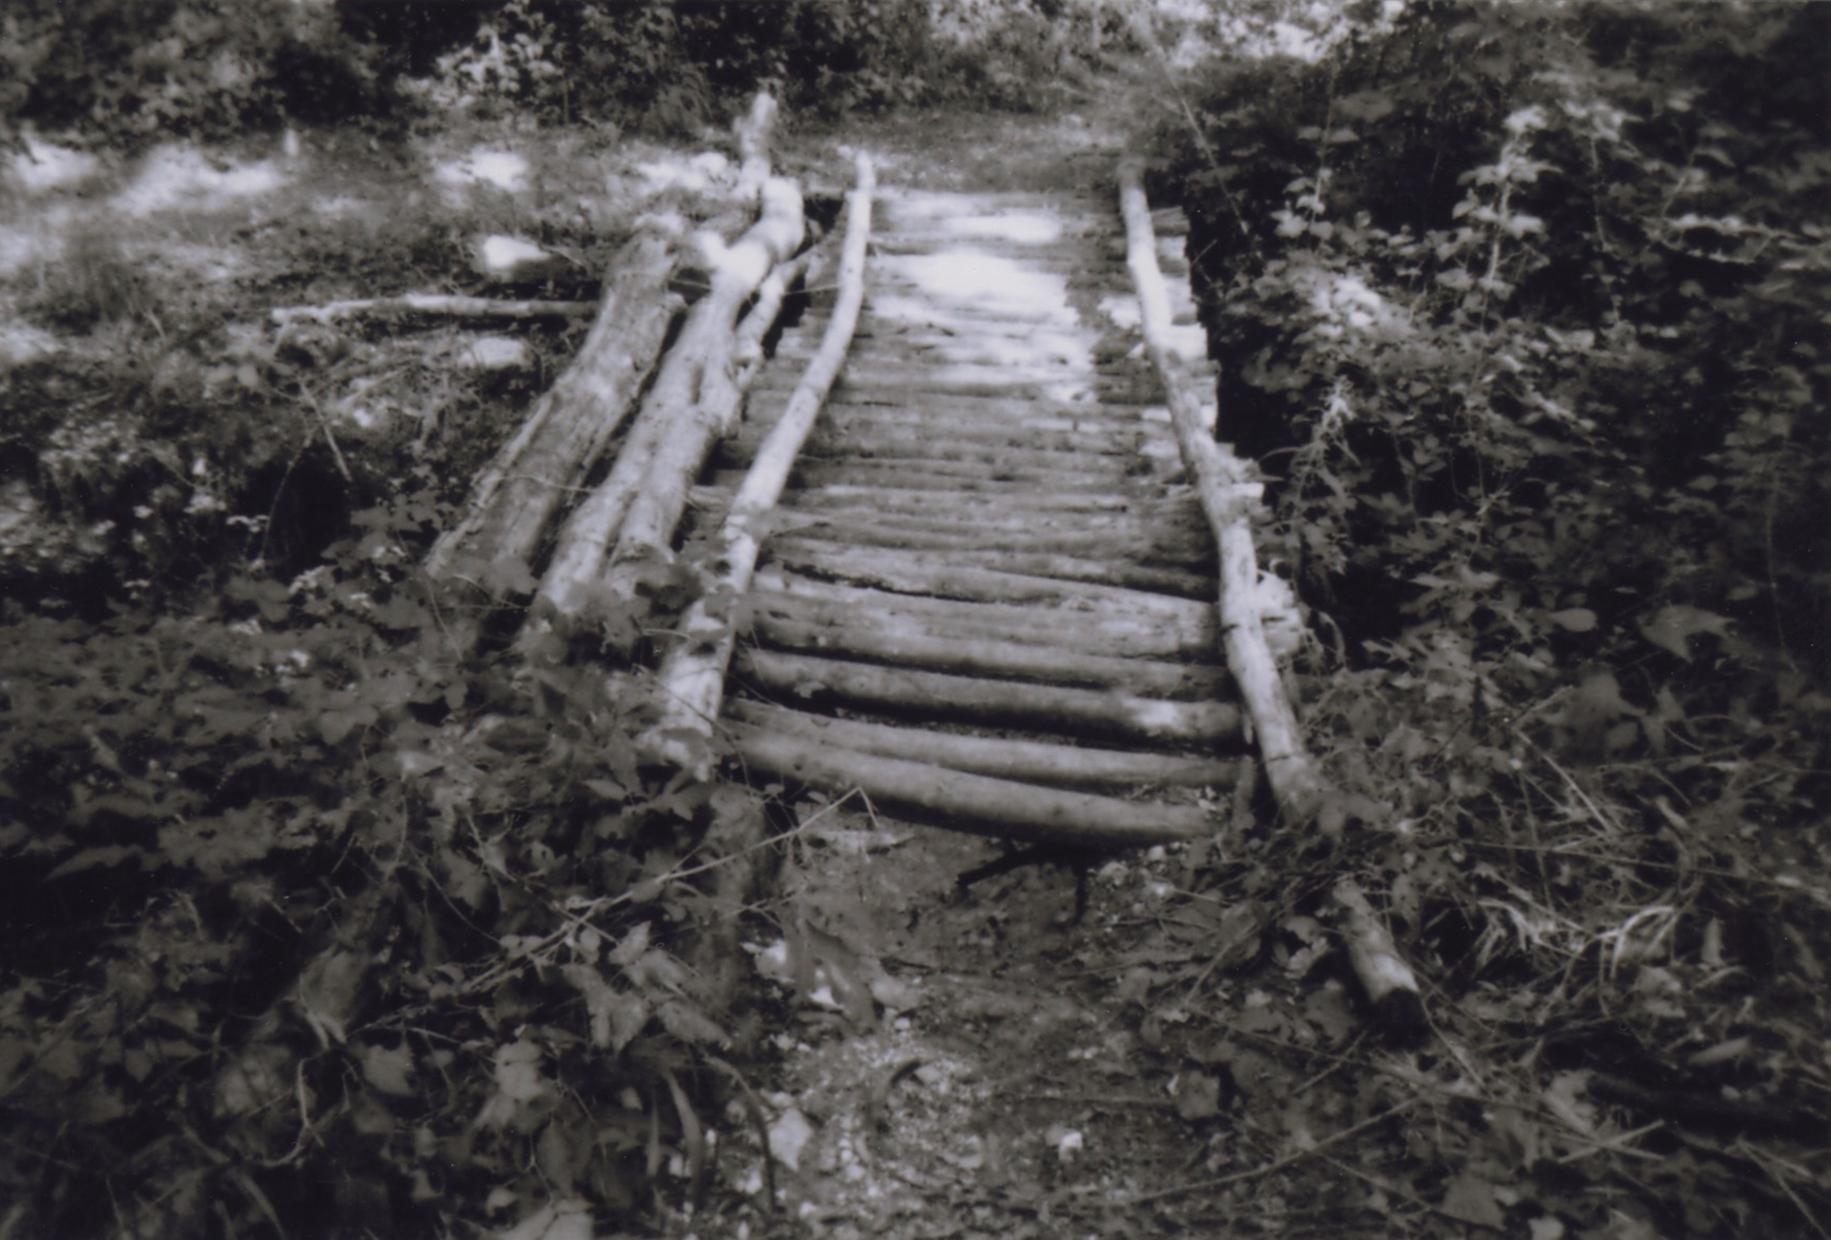 , art work, photo archive, wilderness, artista contemporaneo, visual artist